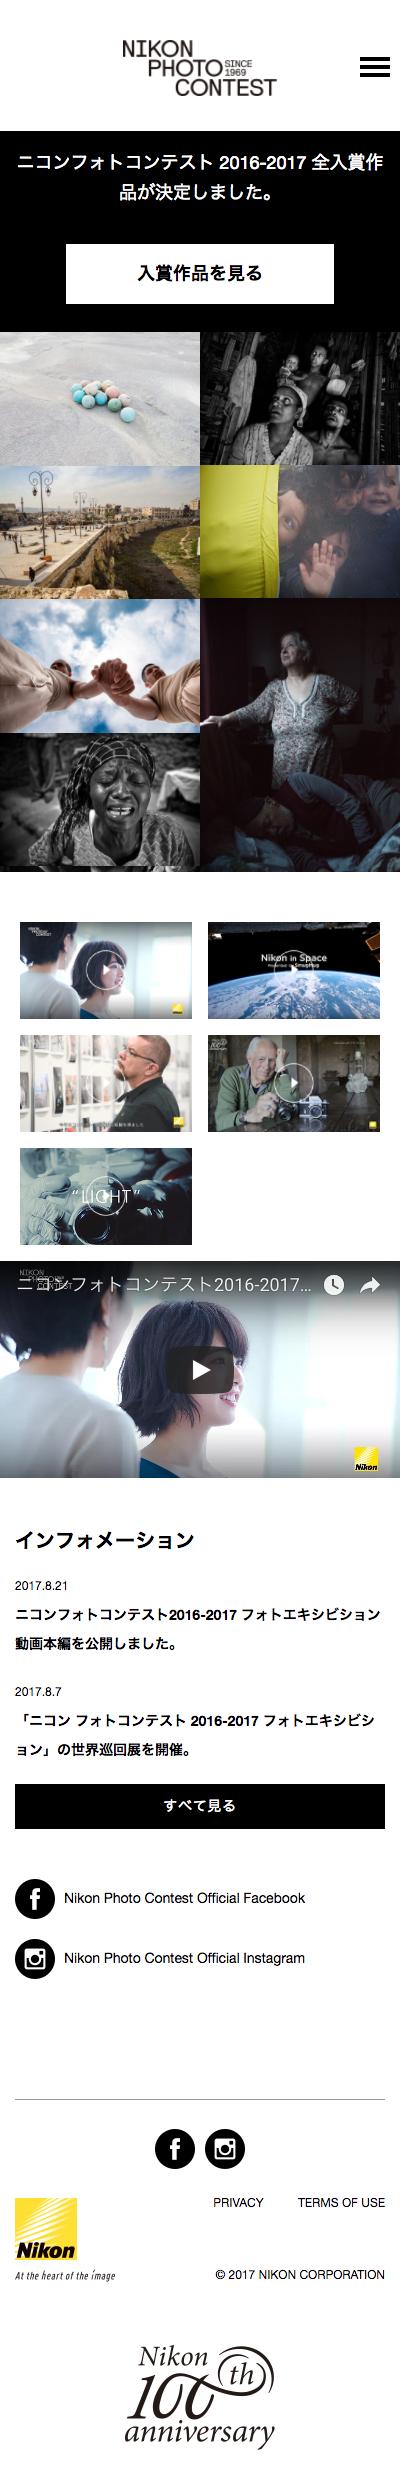 NIKON PHOTO CONTEST / 受賞ページ_1